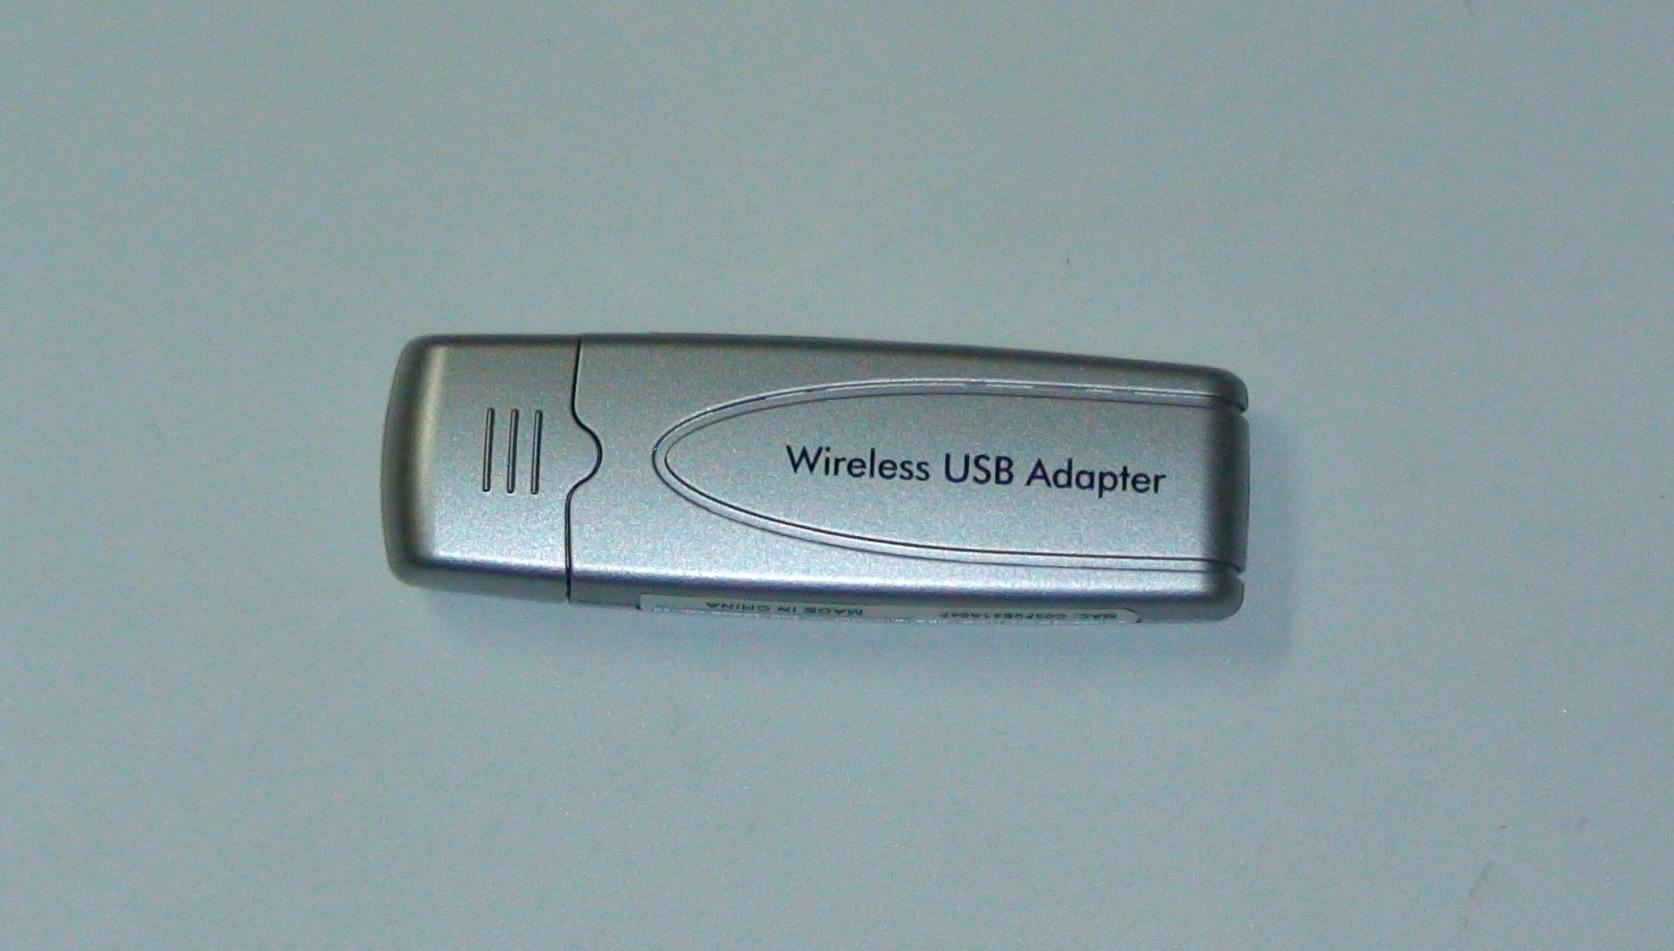 netgear wireless usb adapter wg111v3 driver free download